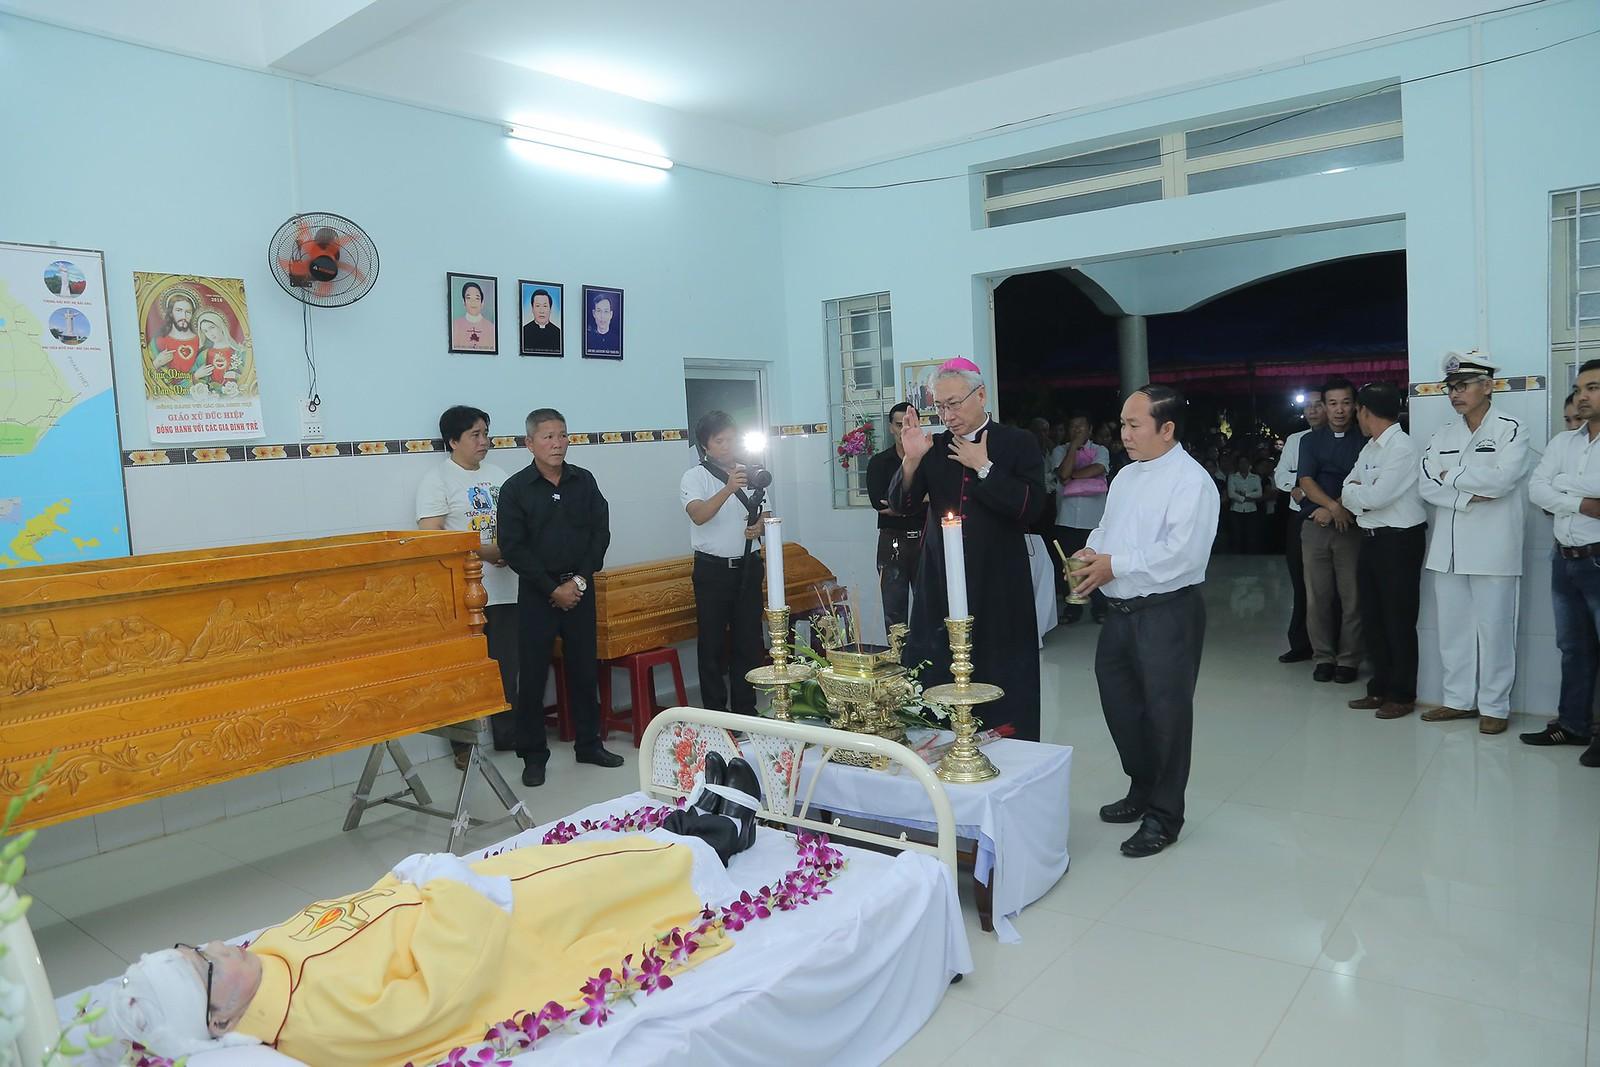 Cầu nguyện cho linh hồn Cha Giuse Đặng Đình An, Cha qua đời vì tai nạn giao thông - Ảnh minh hoạ 13